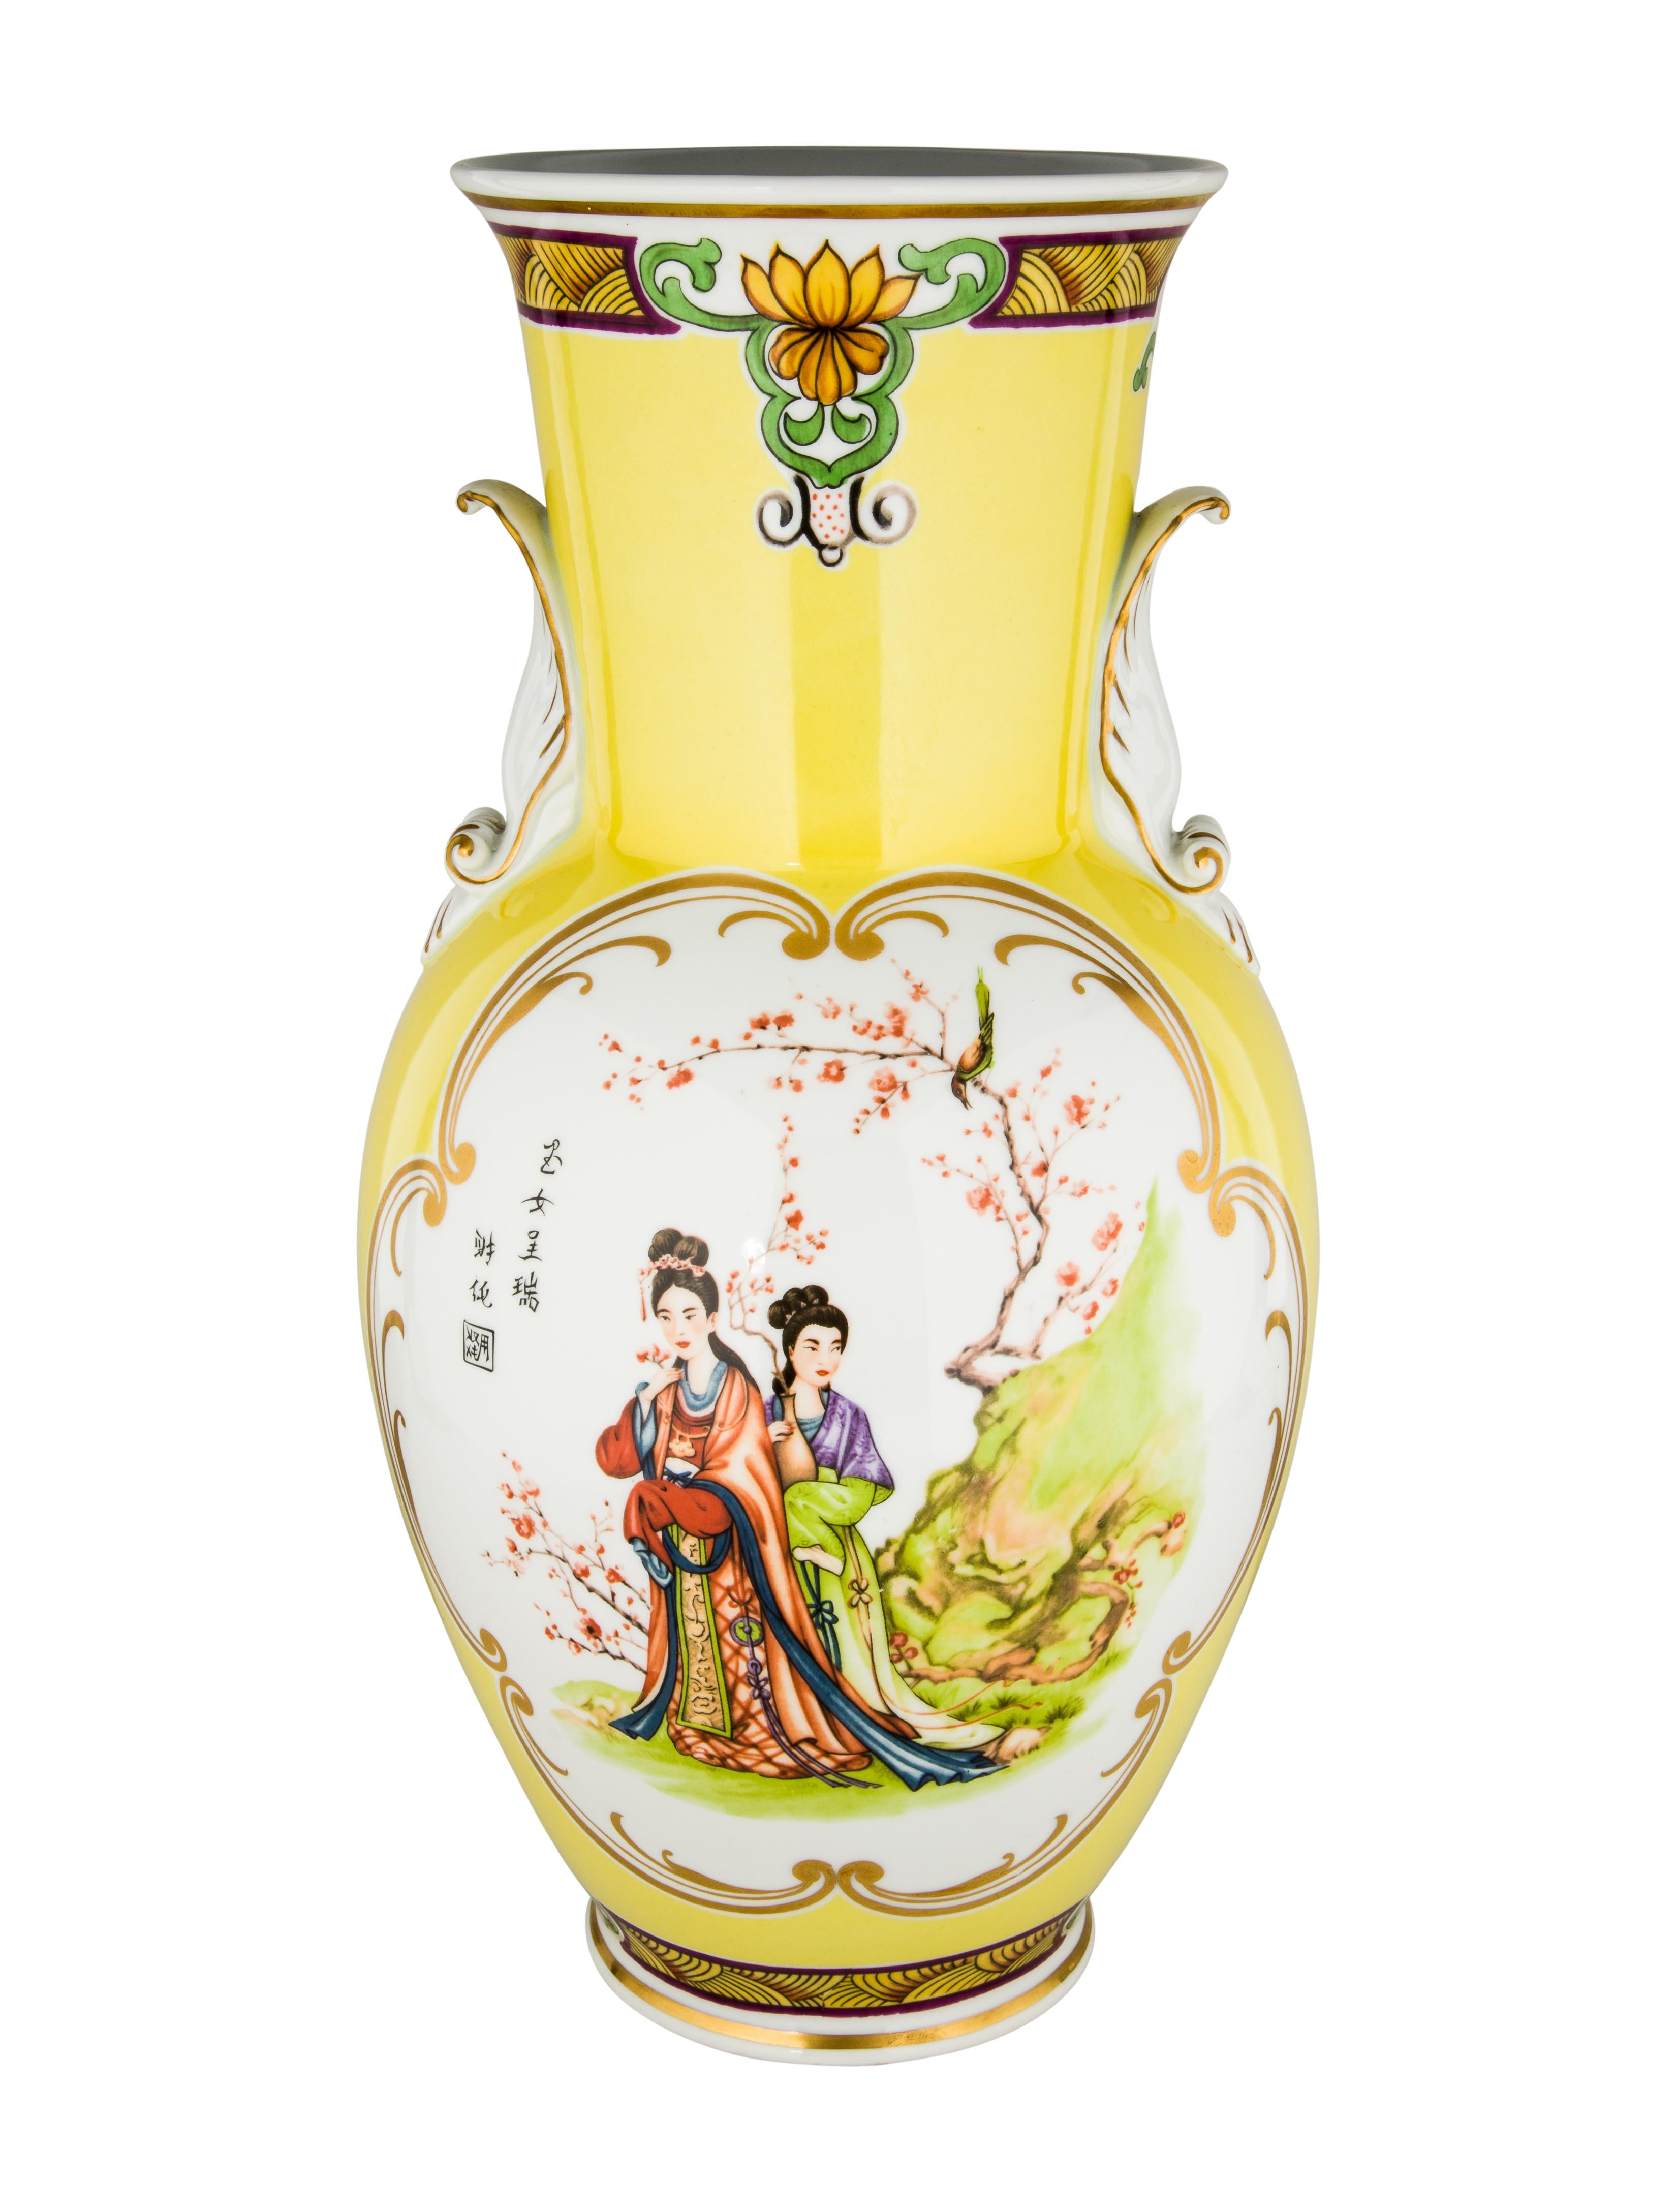 Richard ginori large porcelain flower vase decor and - Decorative flower vase ...